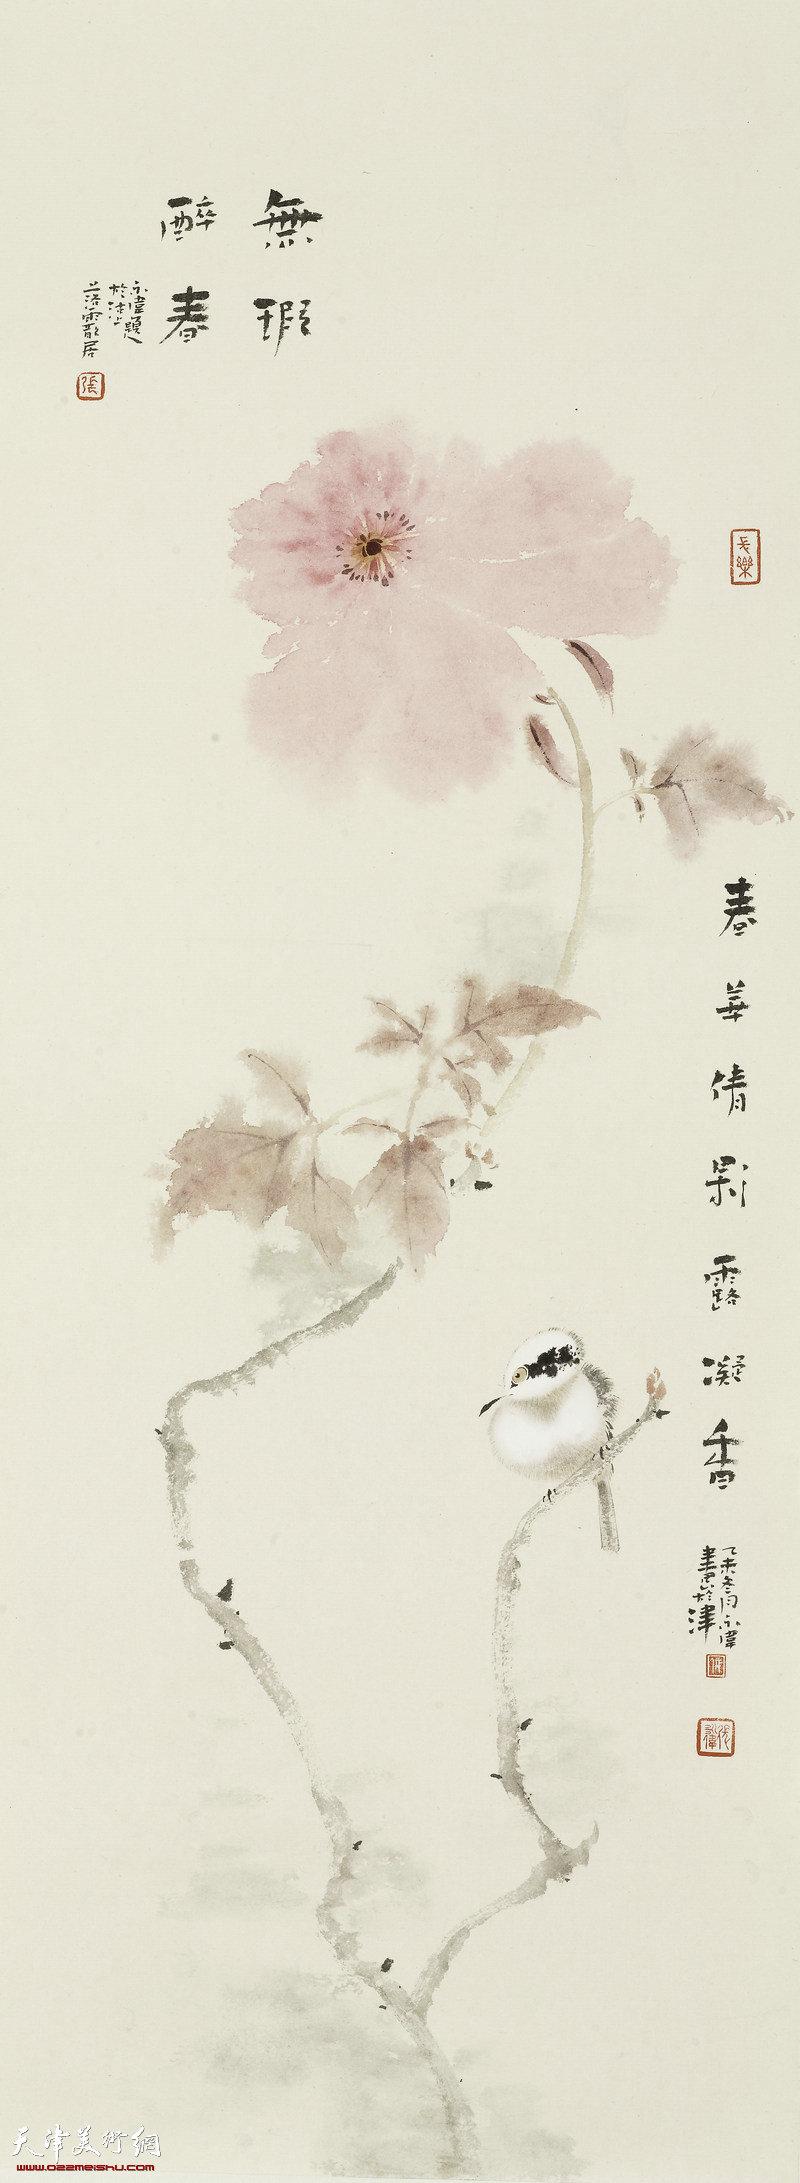 张永伟-画家-《凝香》